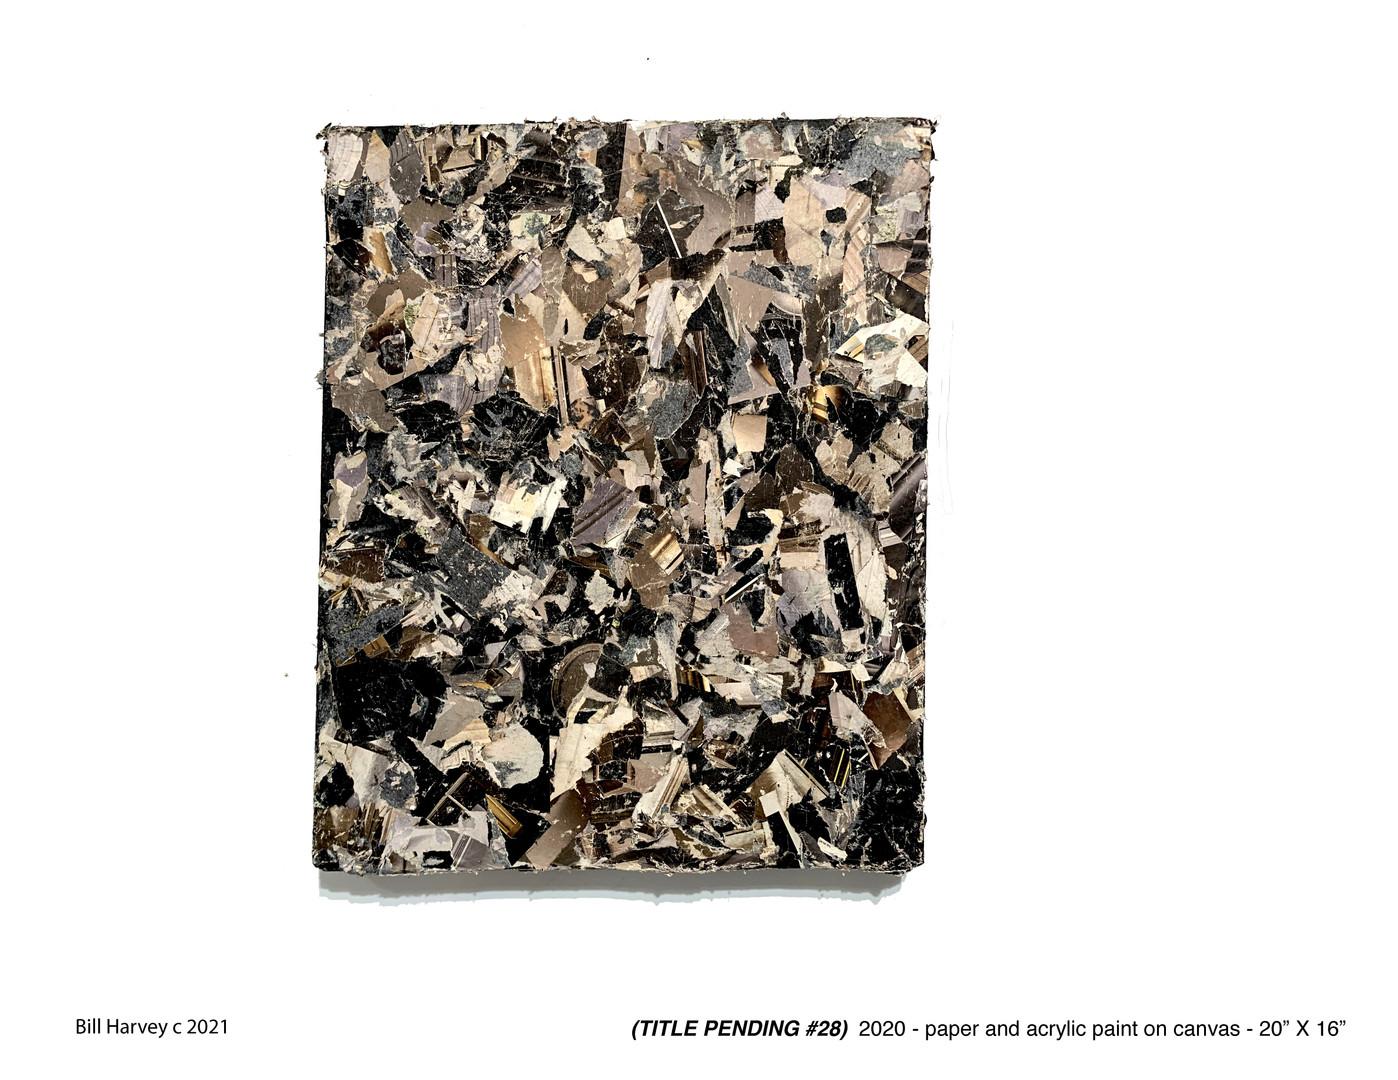 12. ART PRES